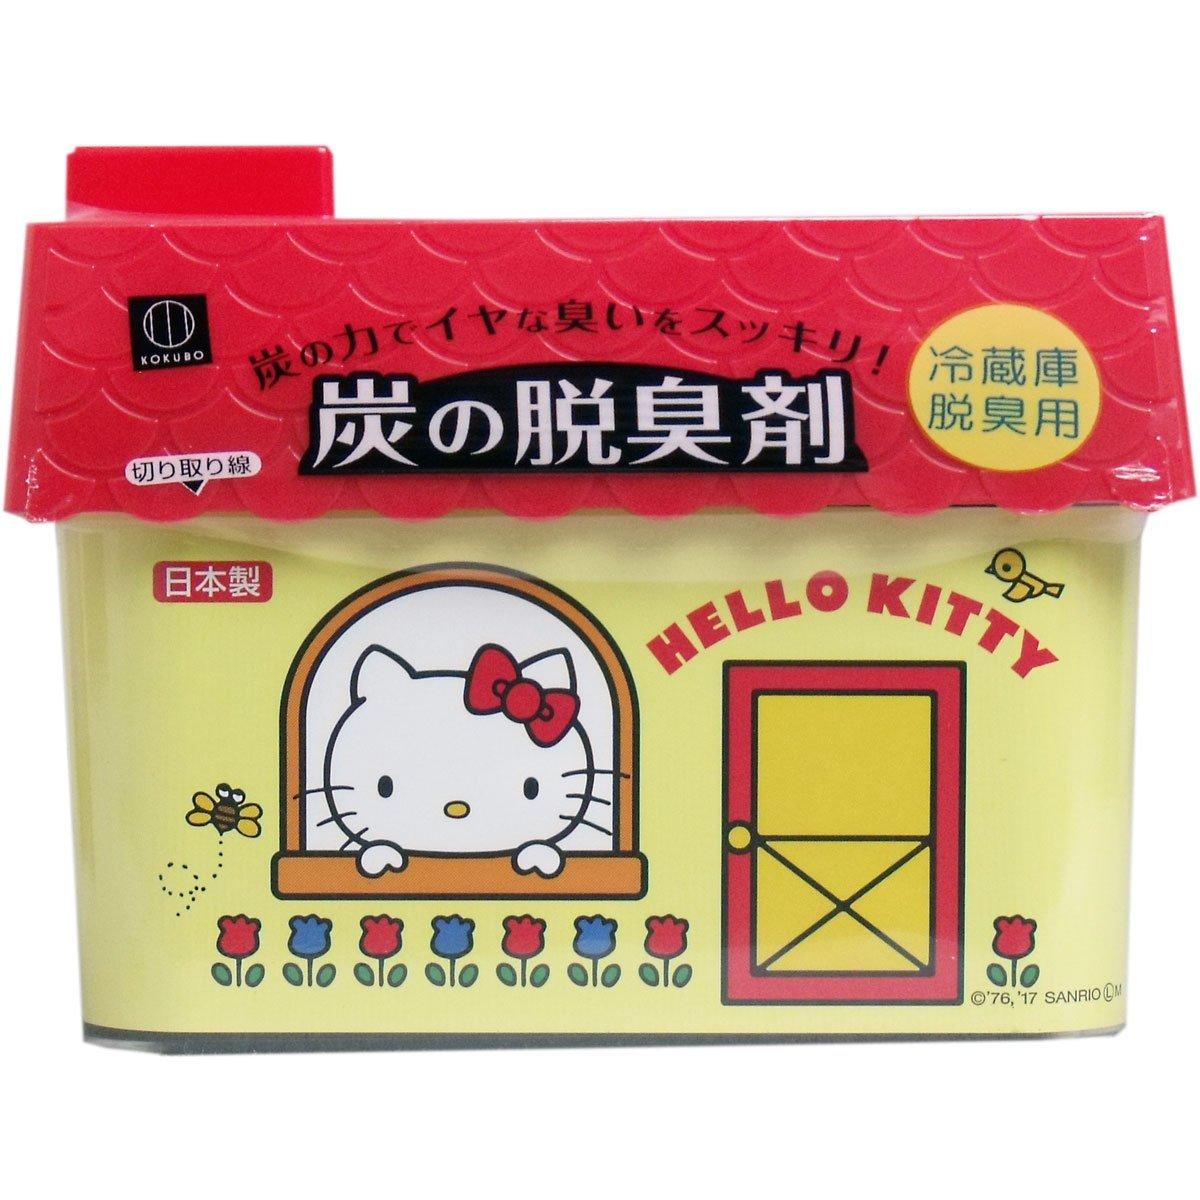 日本Hello Kitty 凱蒂貓活性碳冰箱除臭劑(冷藏庫用/蔬果室用)~吸附異味 強力脫臭‧日本製